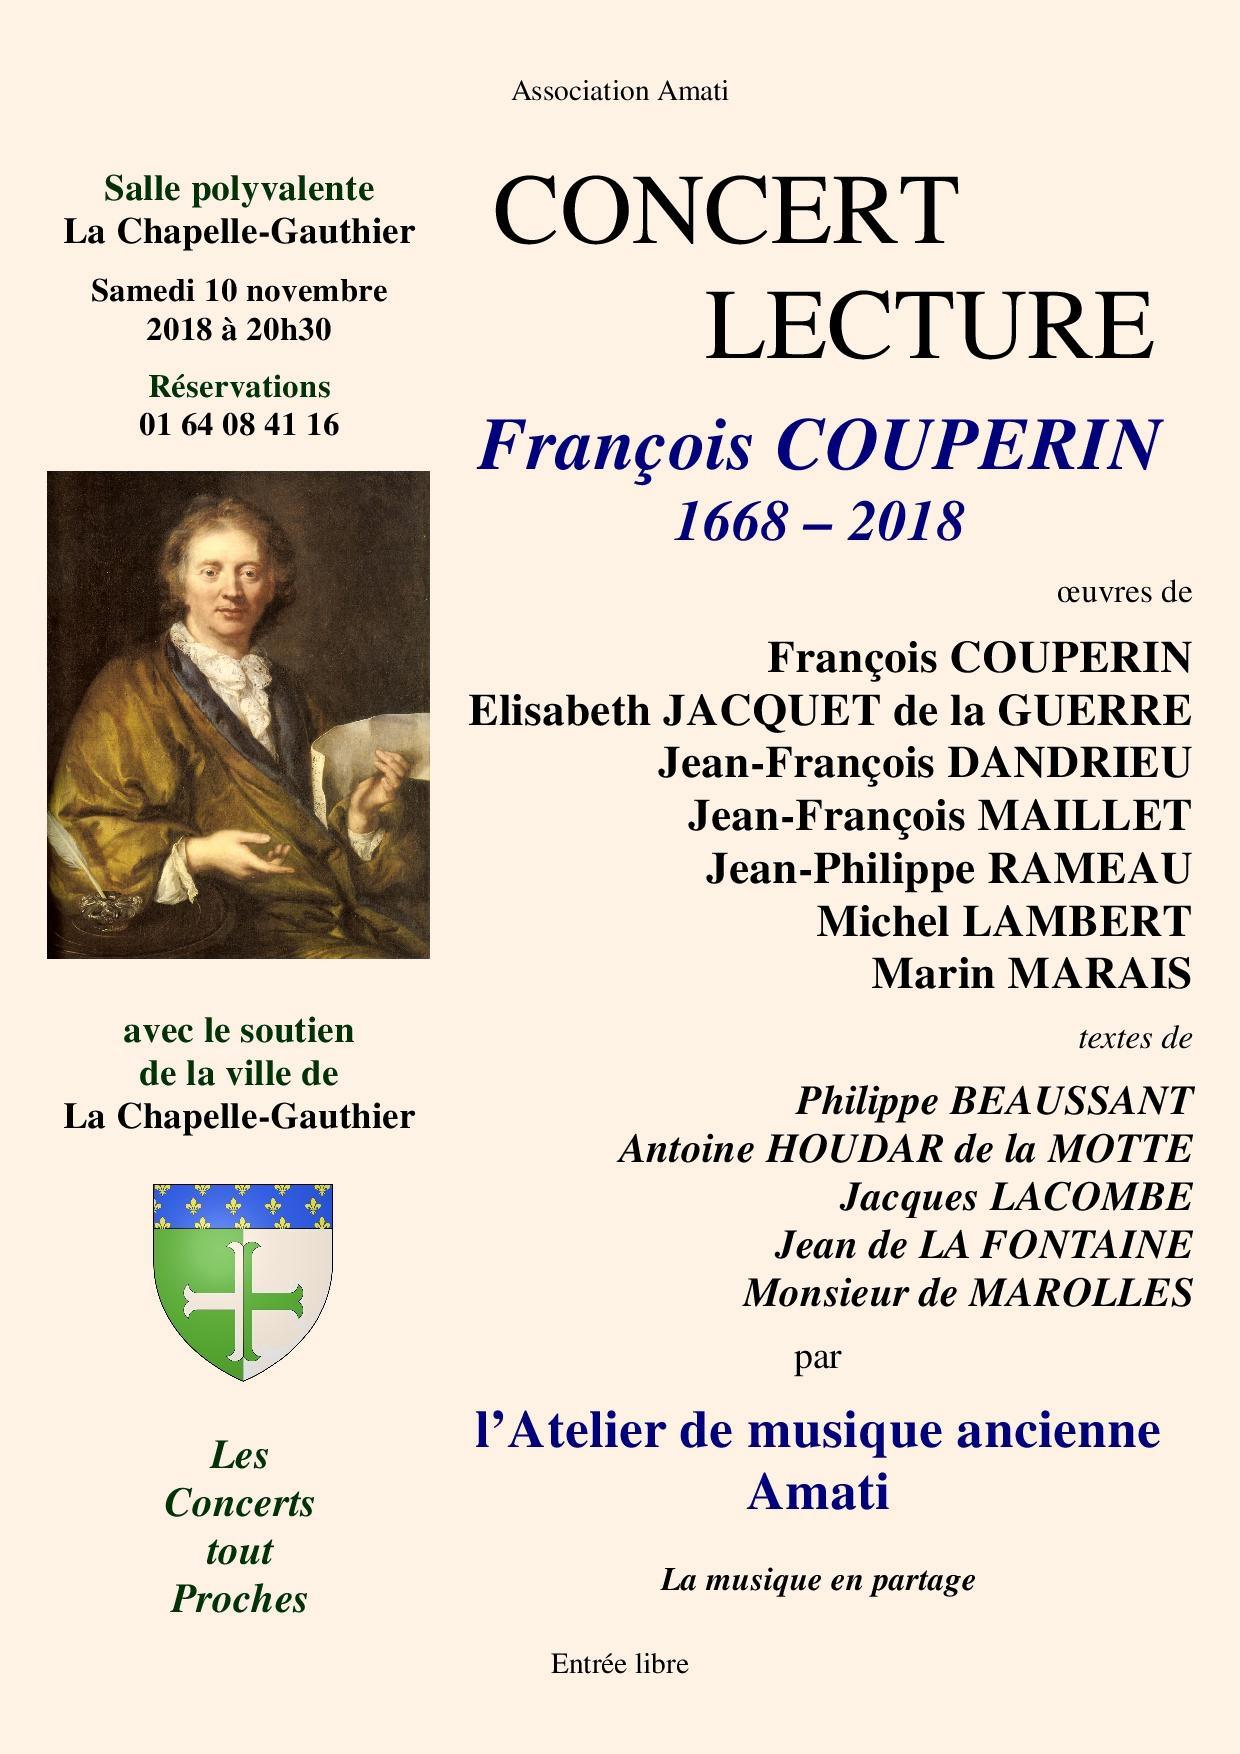 François COUPERIN 1668 - 2018